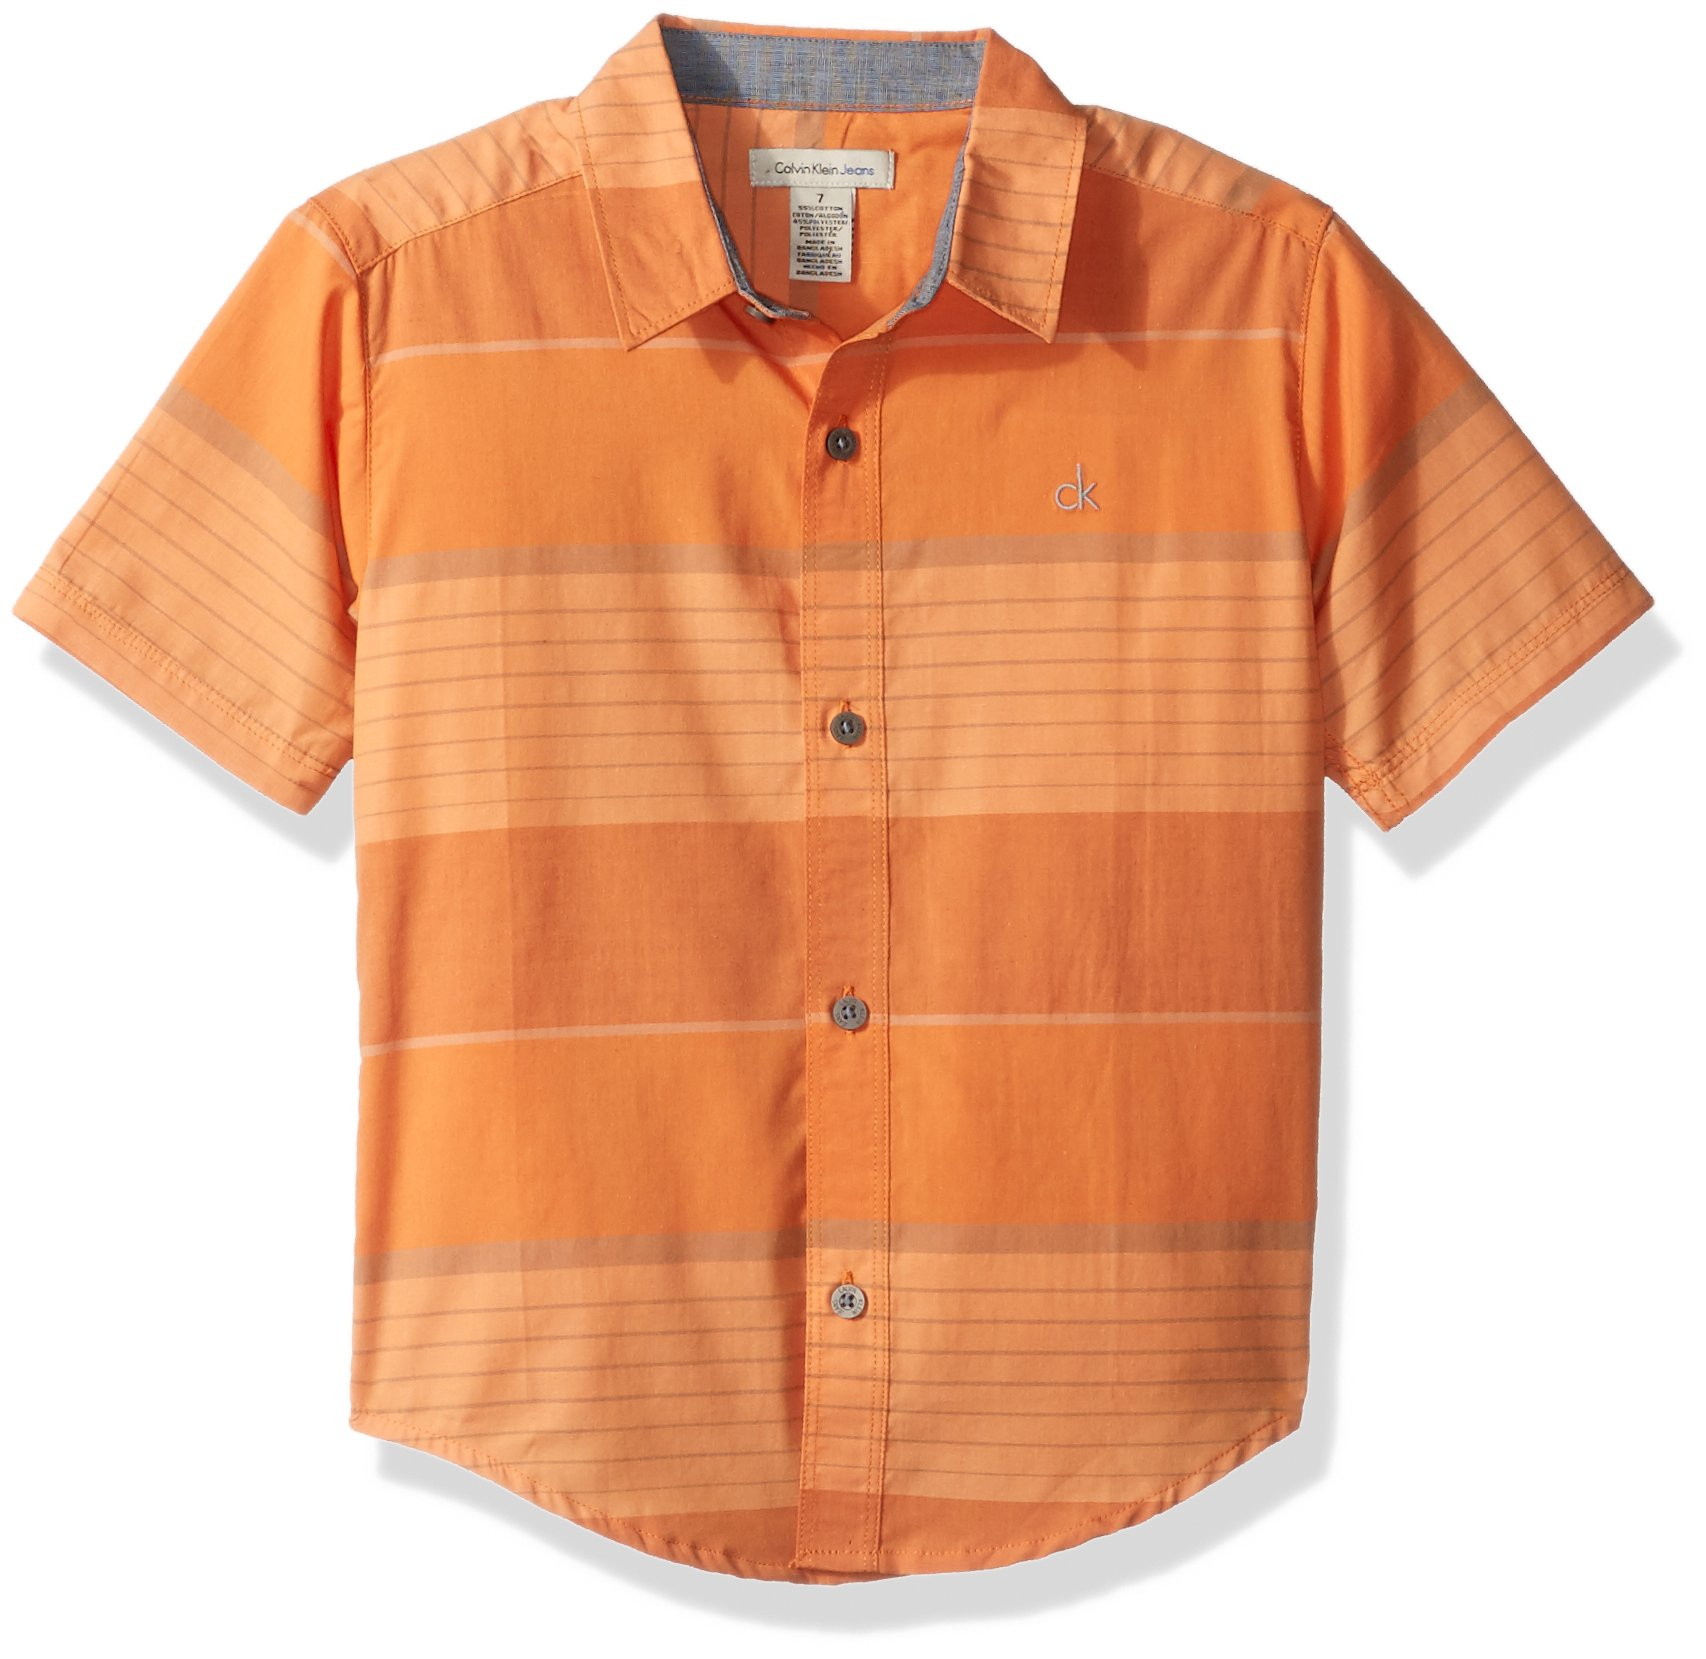 Calvin Klein Big Boys' Blocked Horizontal Stripe Short Sleeve Shirt, Orange, Large (14/16)